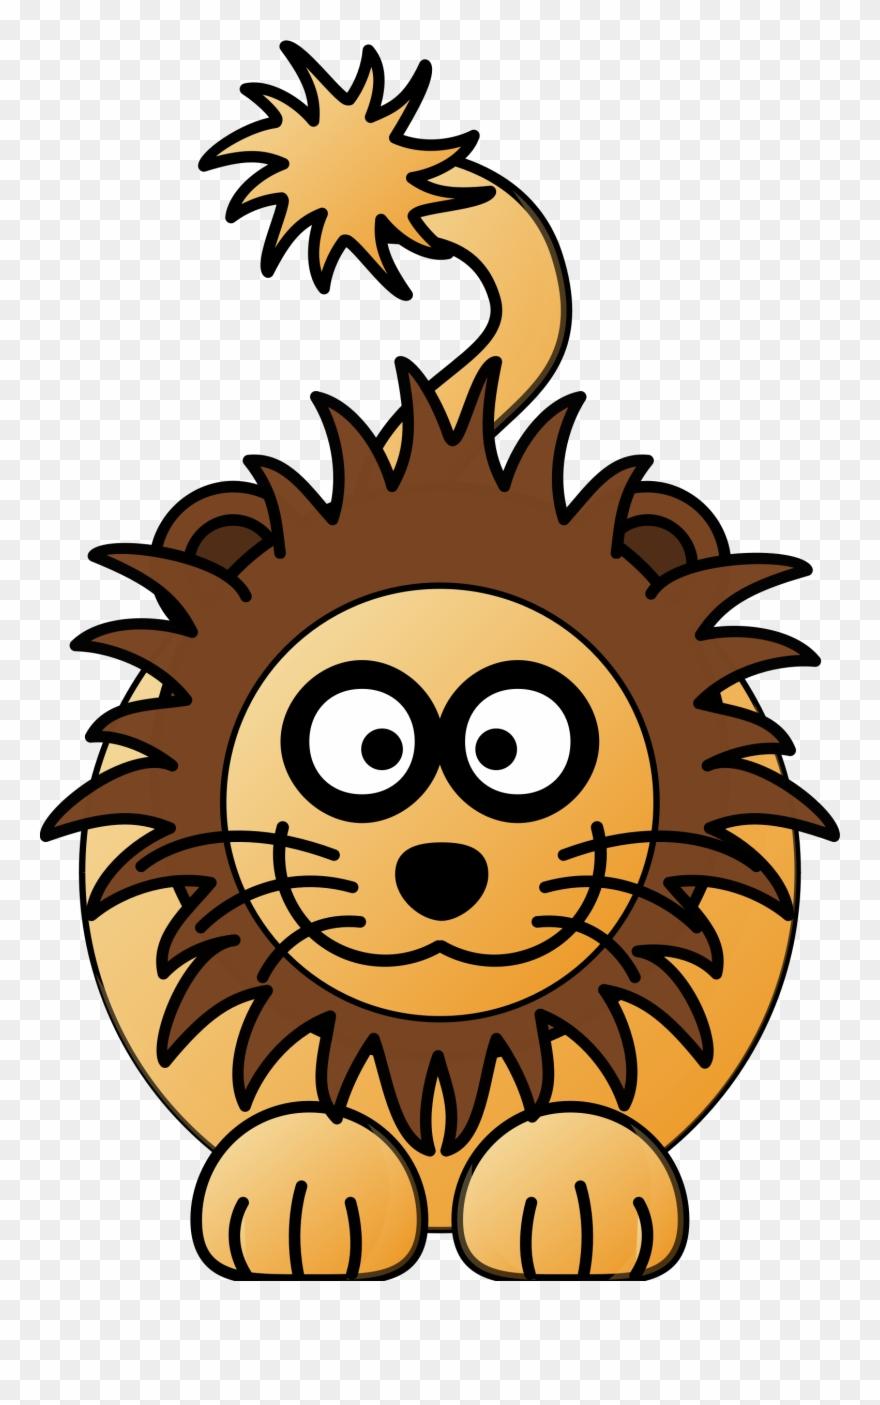 Lion Cartoon Drawing Cartoon Lion Clker Clipart 83480 Pinclipart